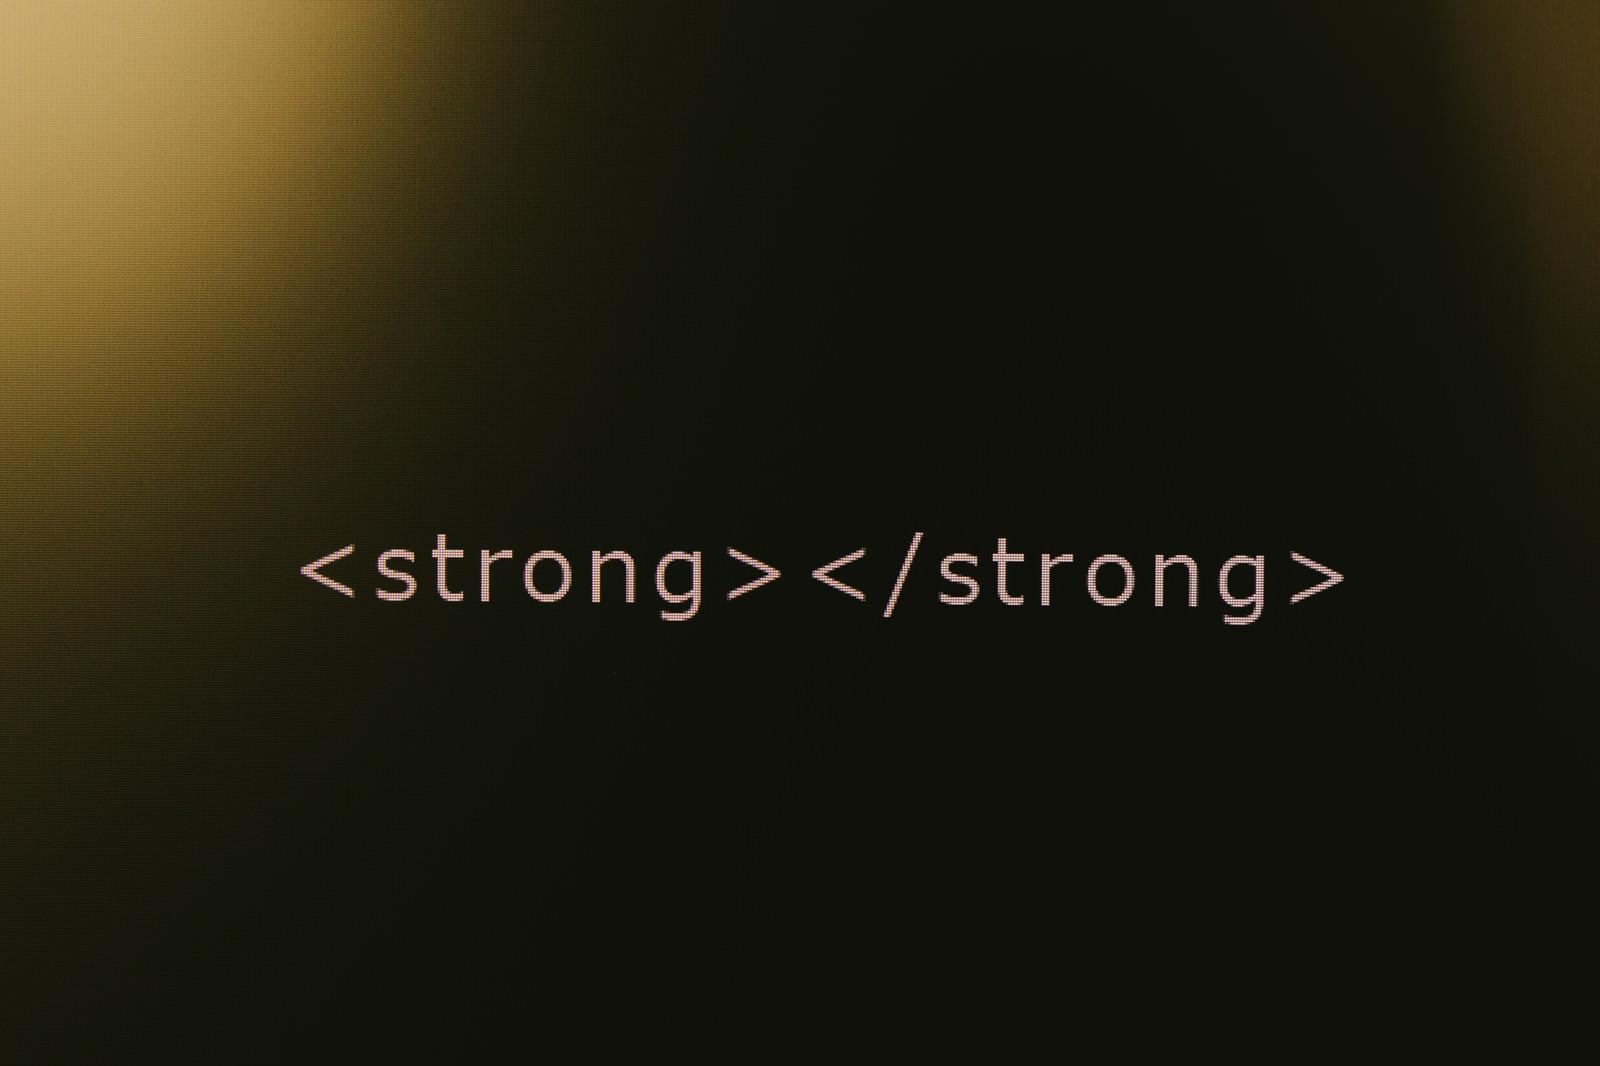 「ストロング無し」の写真